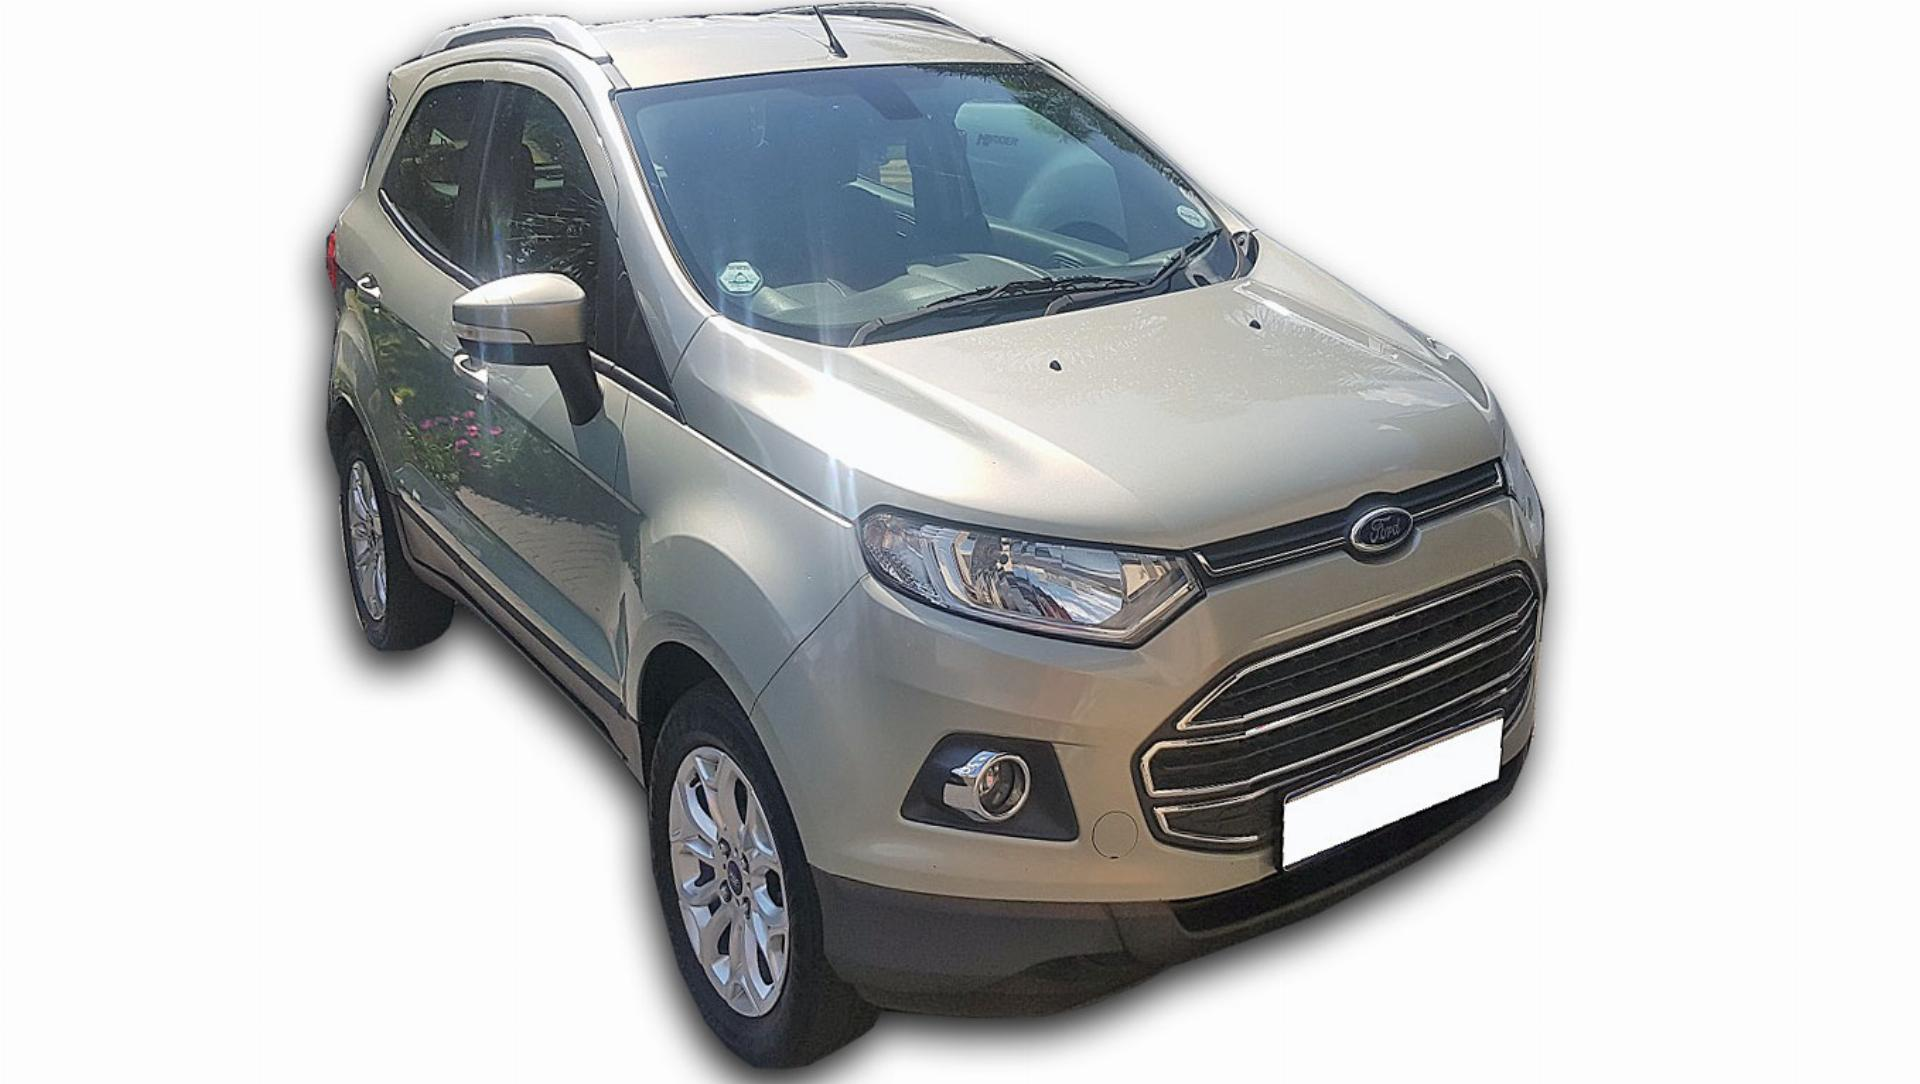 Ford Ecosport Titanium 1.5 Petrol